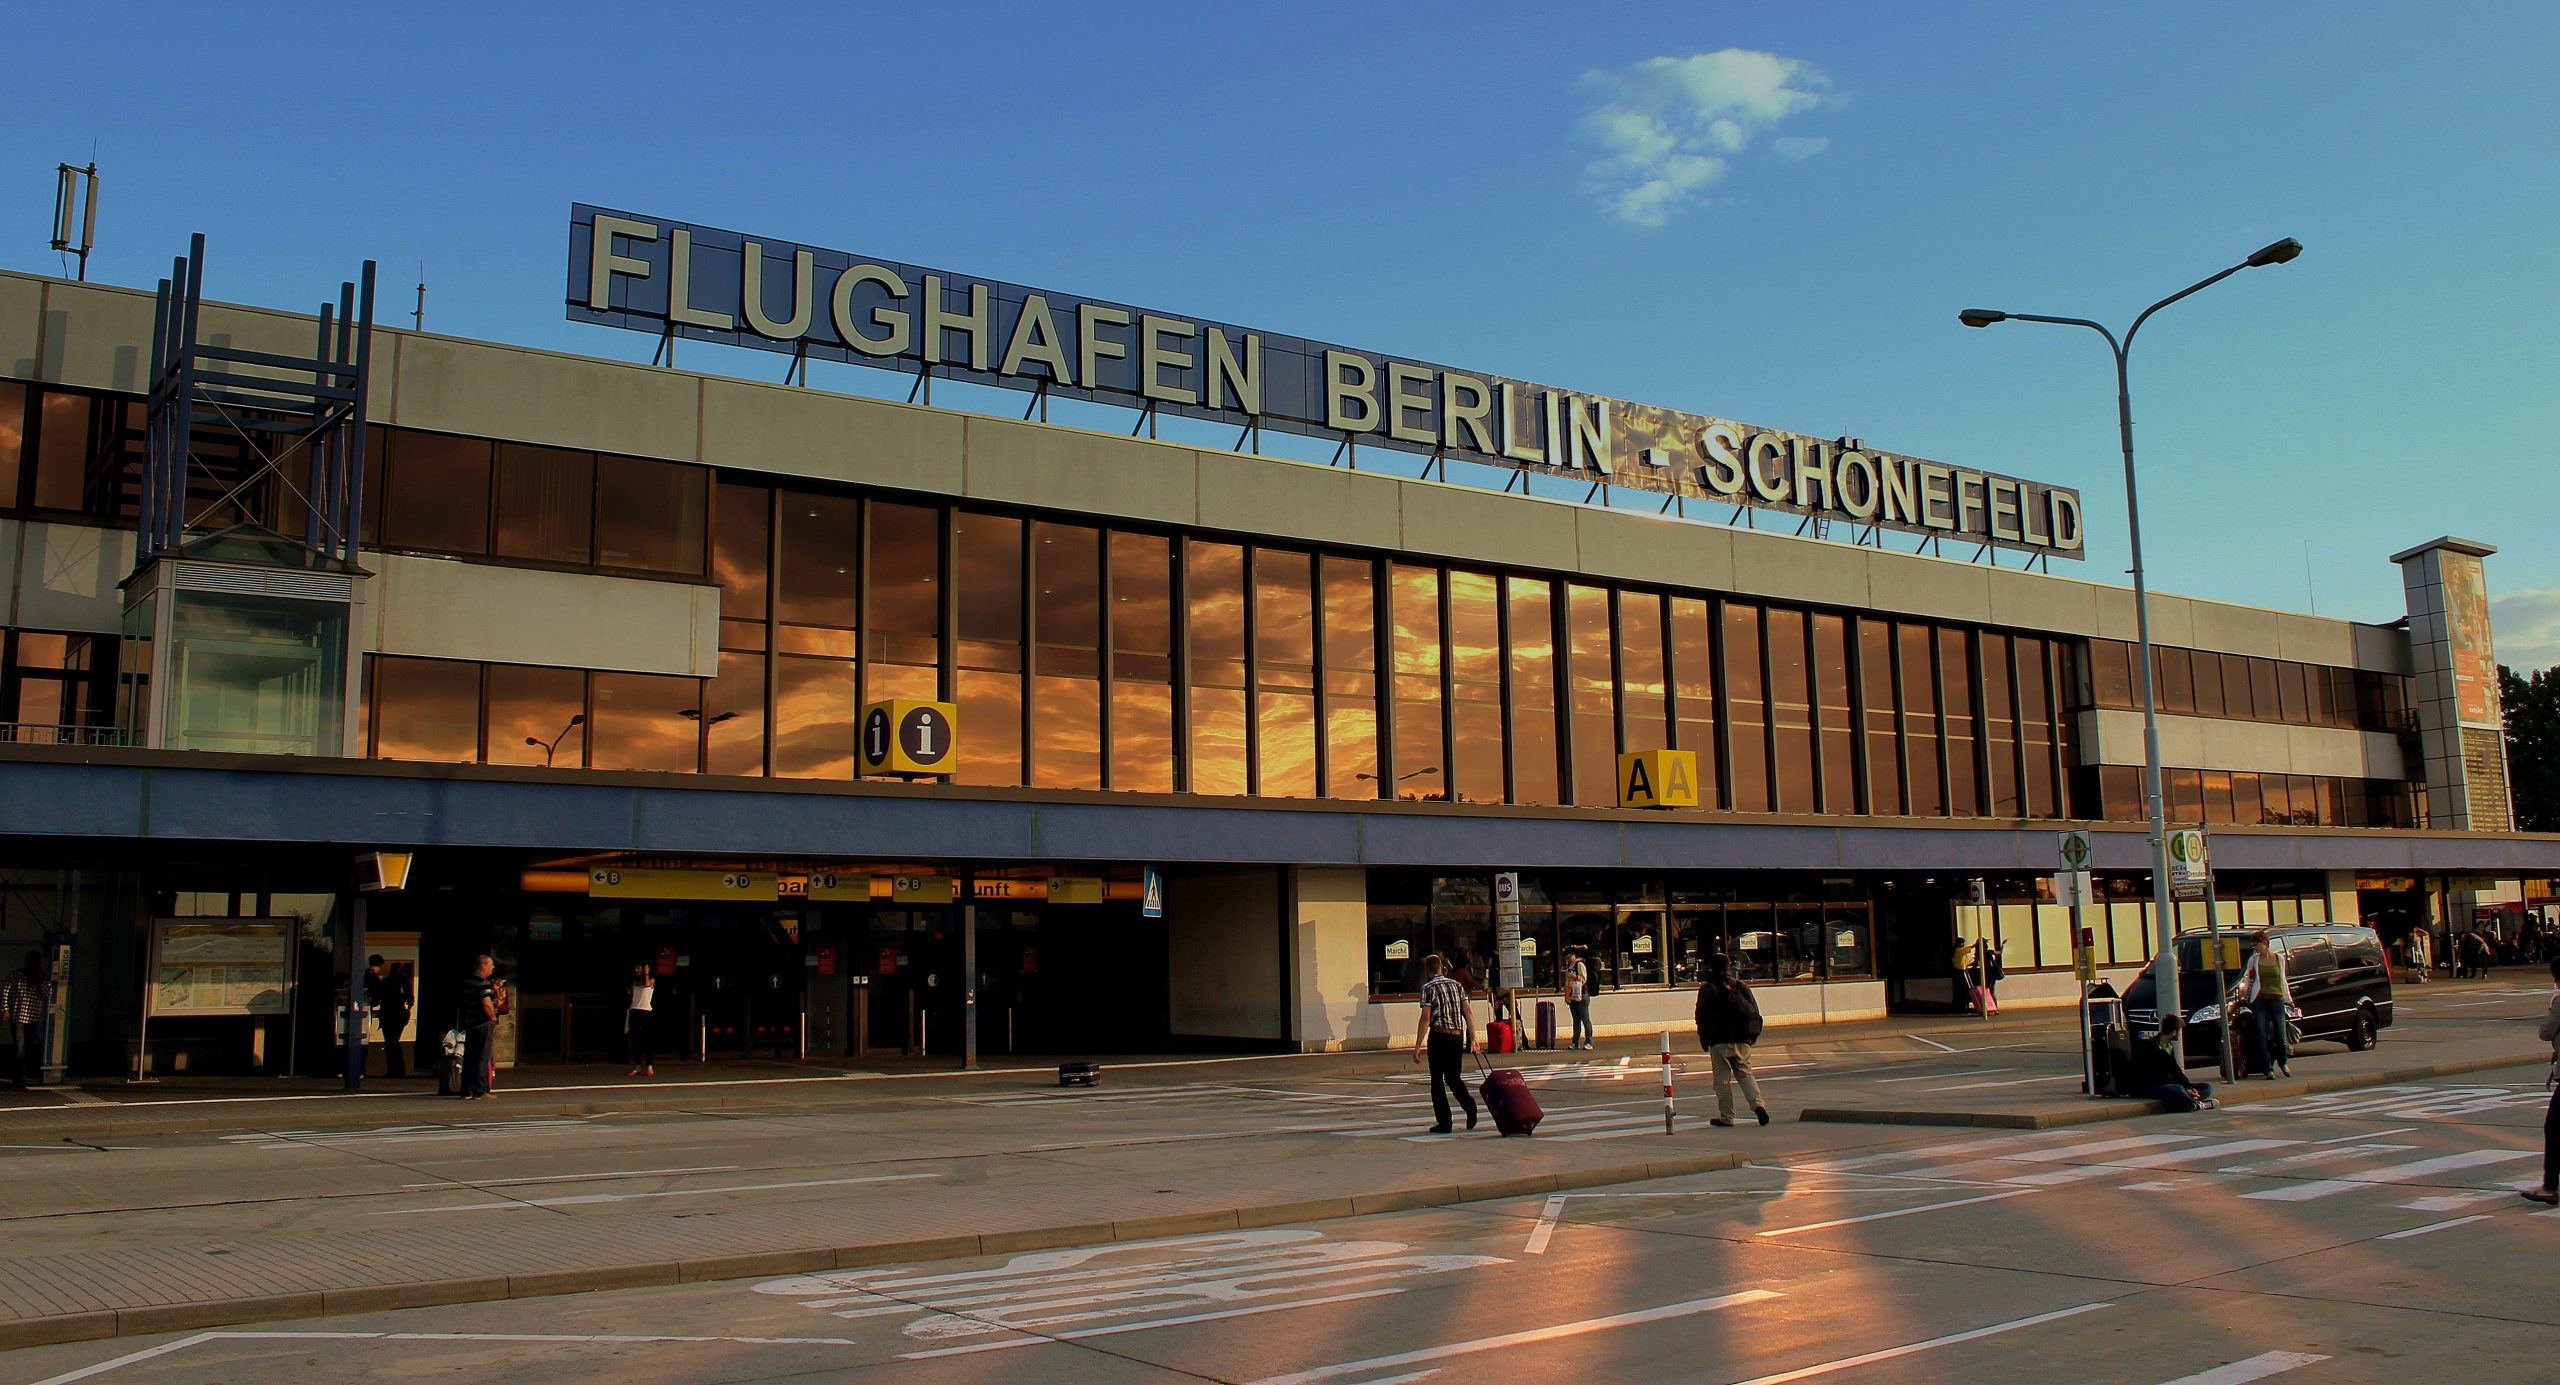 Indgangen til Berlin Schönefeld Airport. Foto: calflier001, CC 2.0